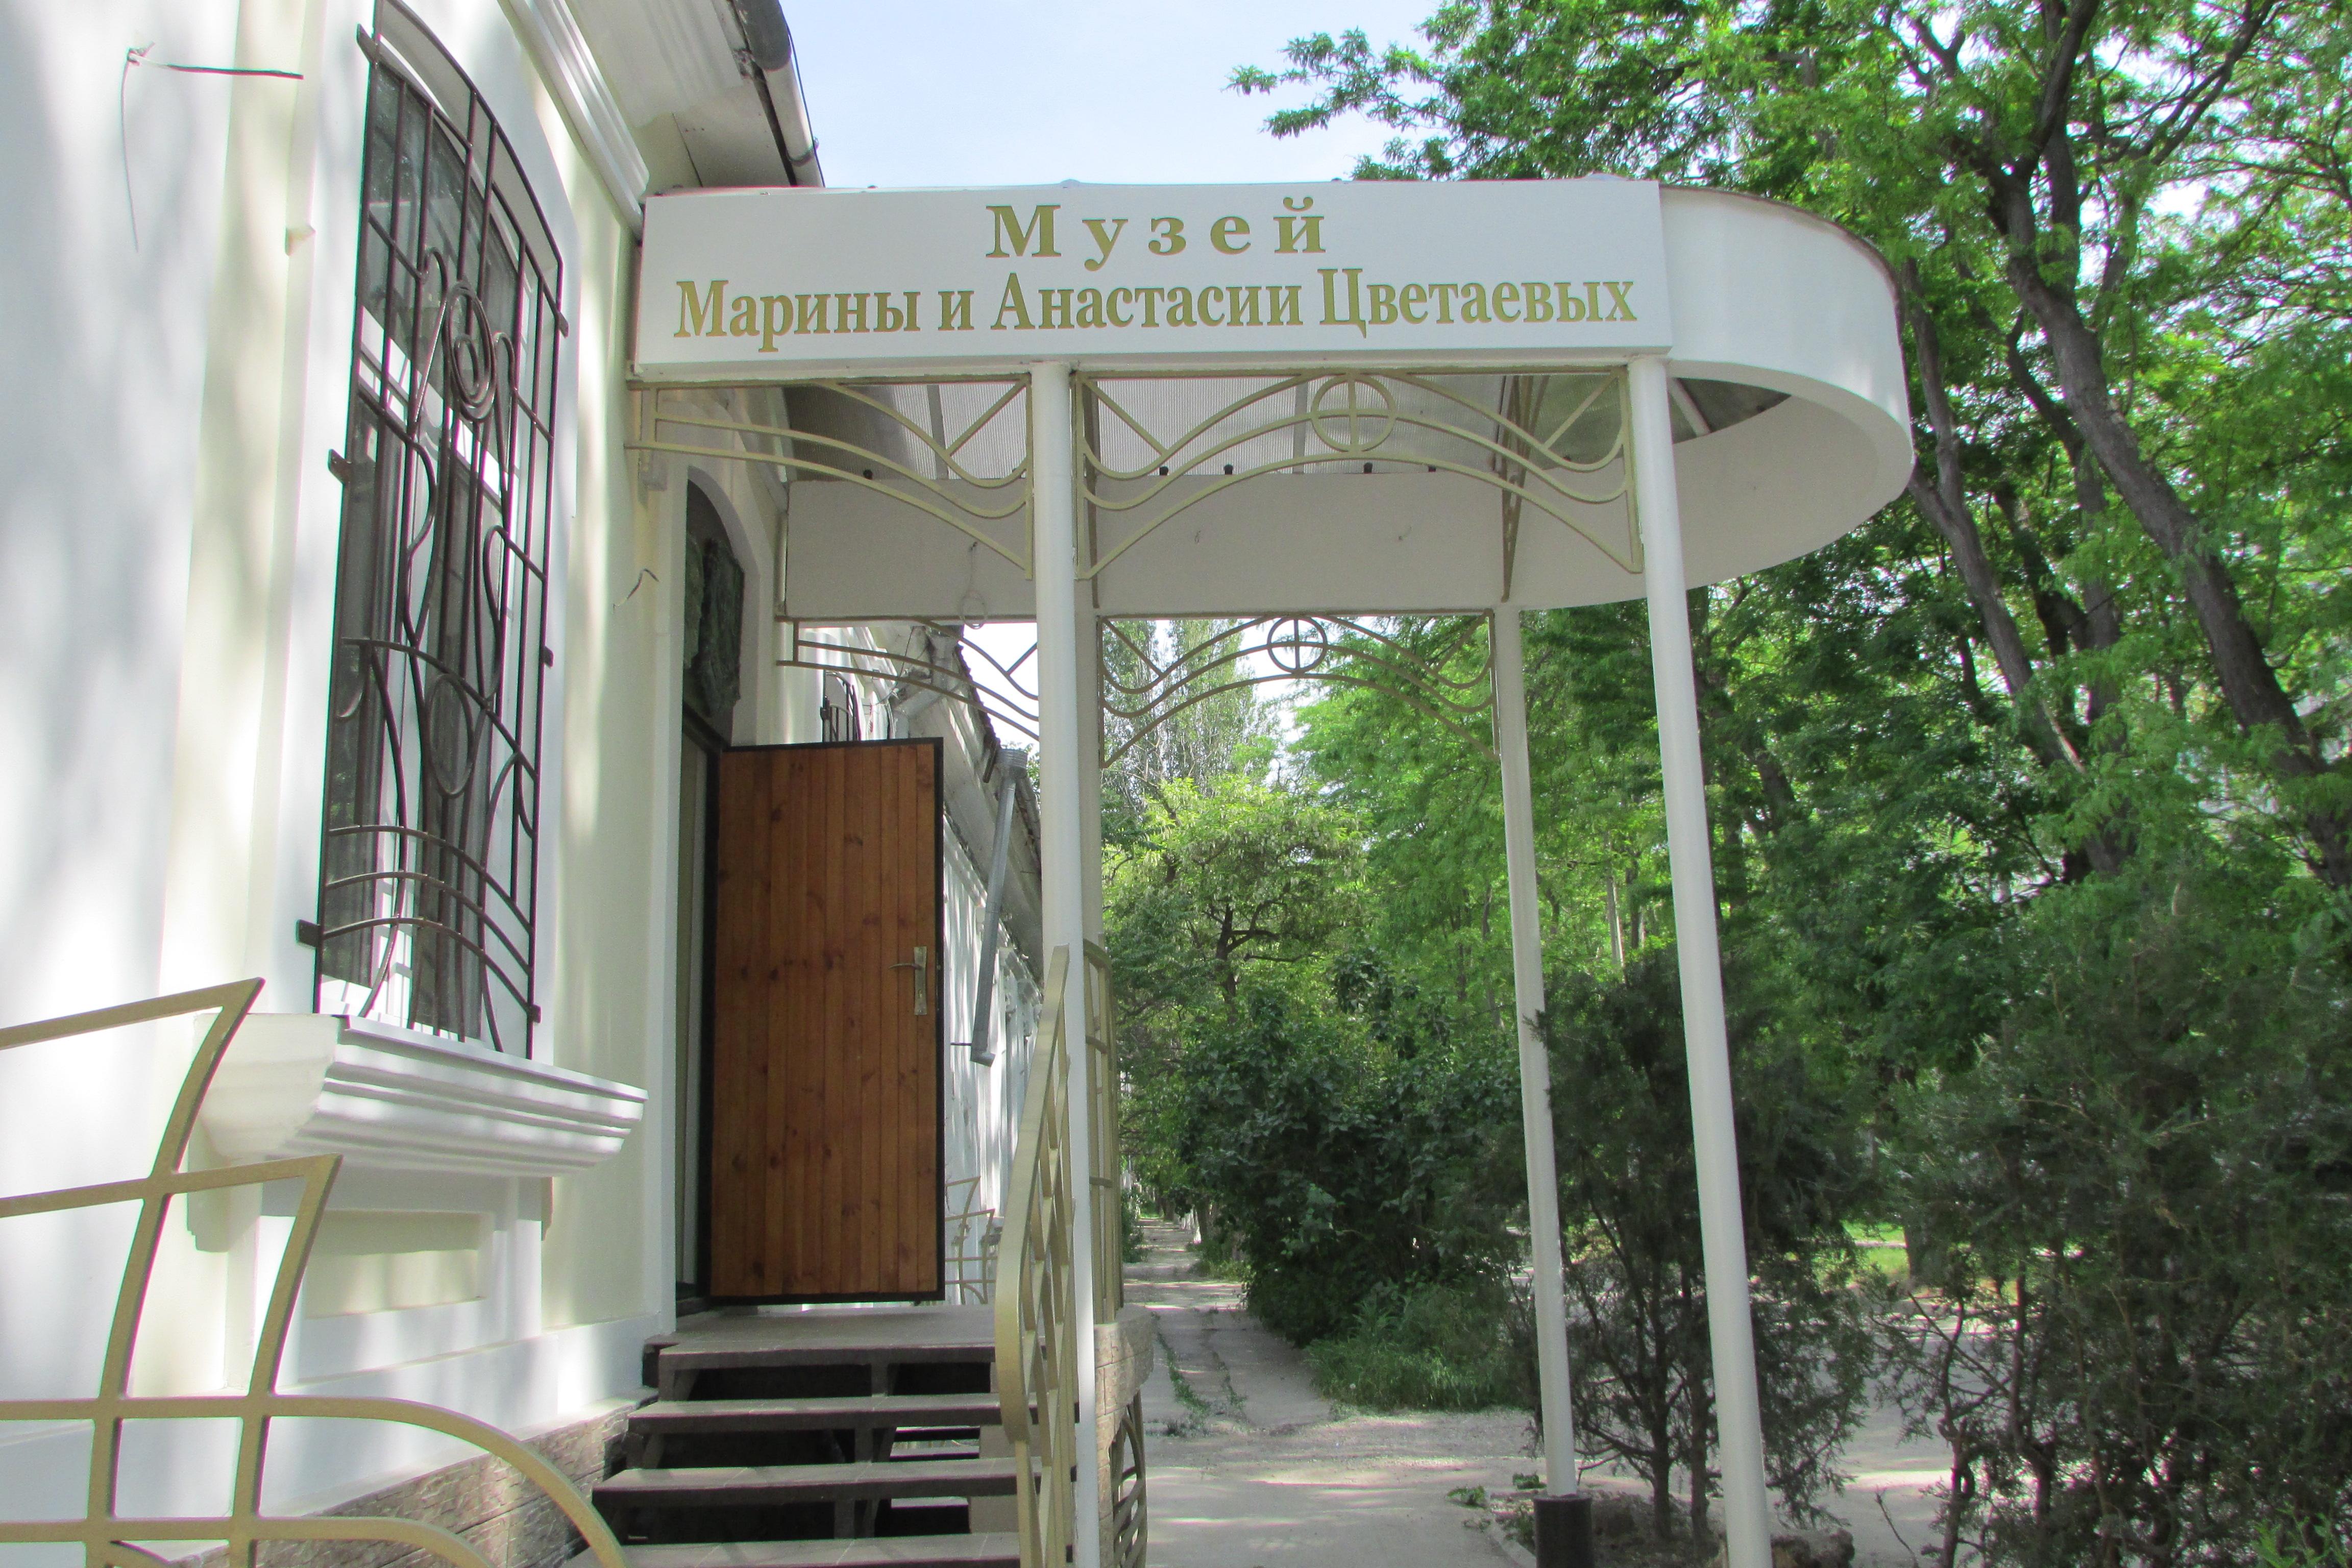 Фирма: Музей Марины и Анастасии Цветаевых в городе Феодосия